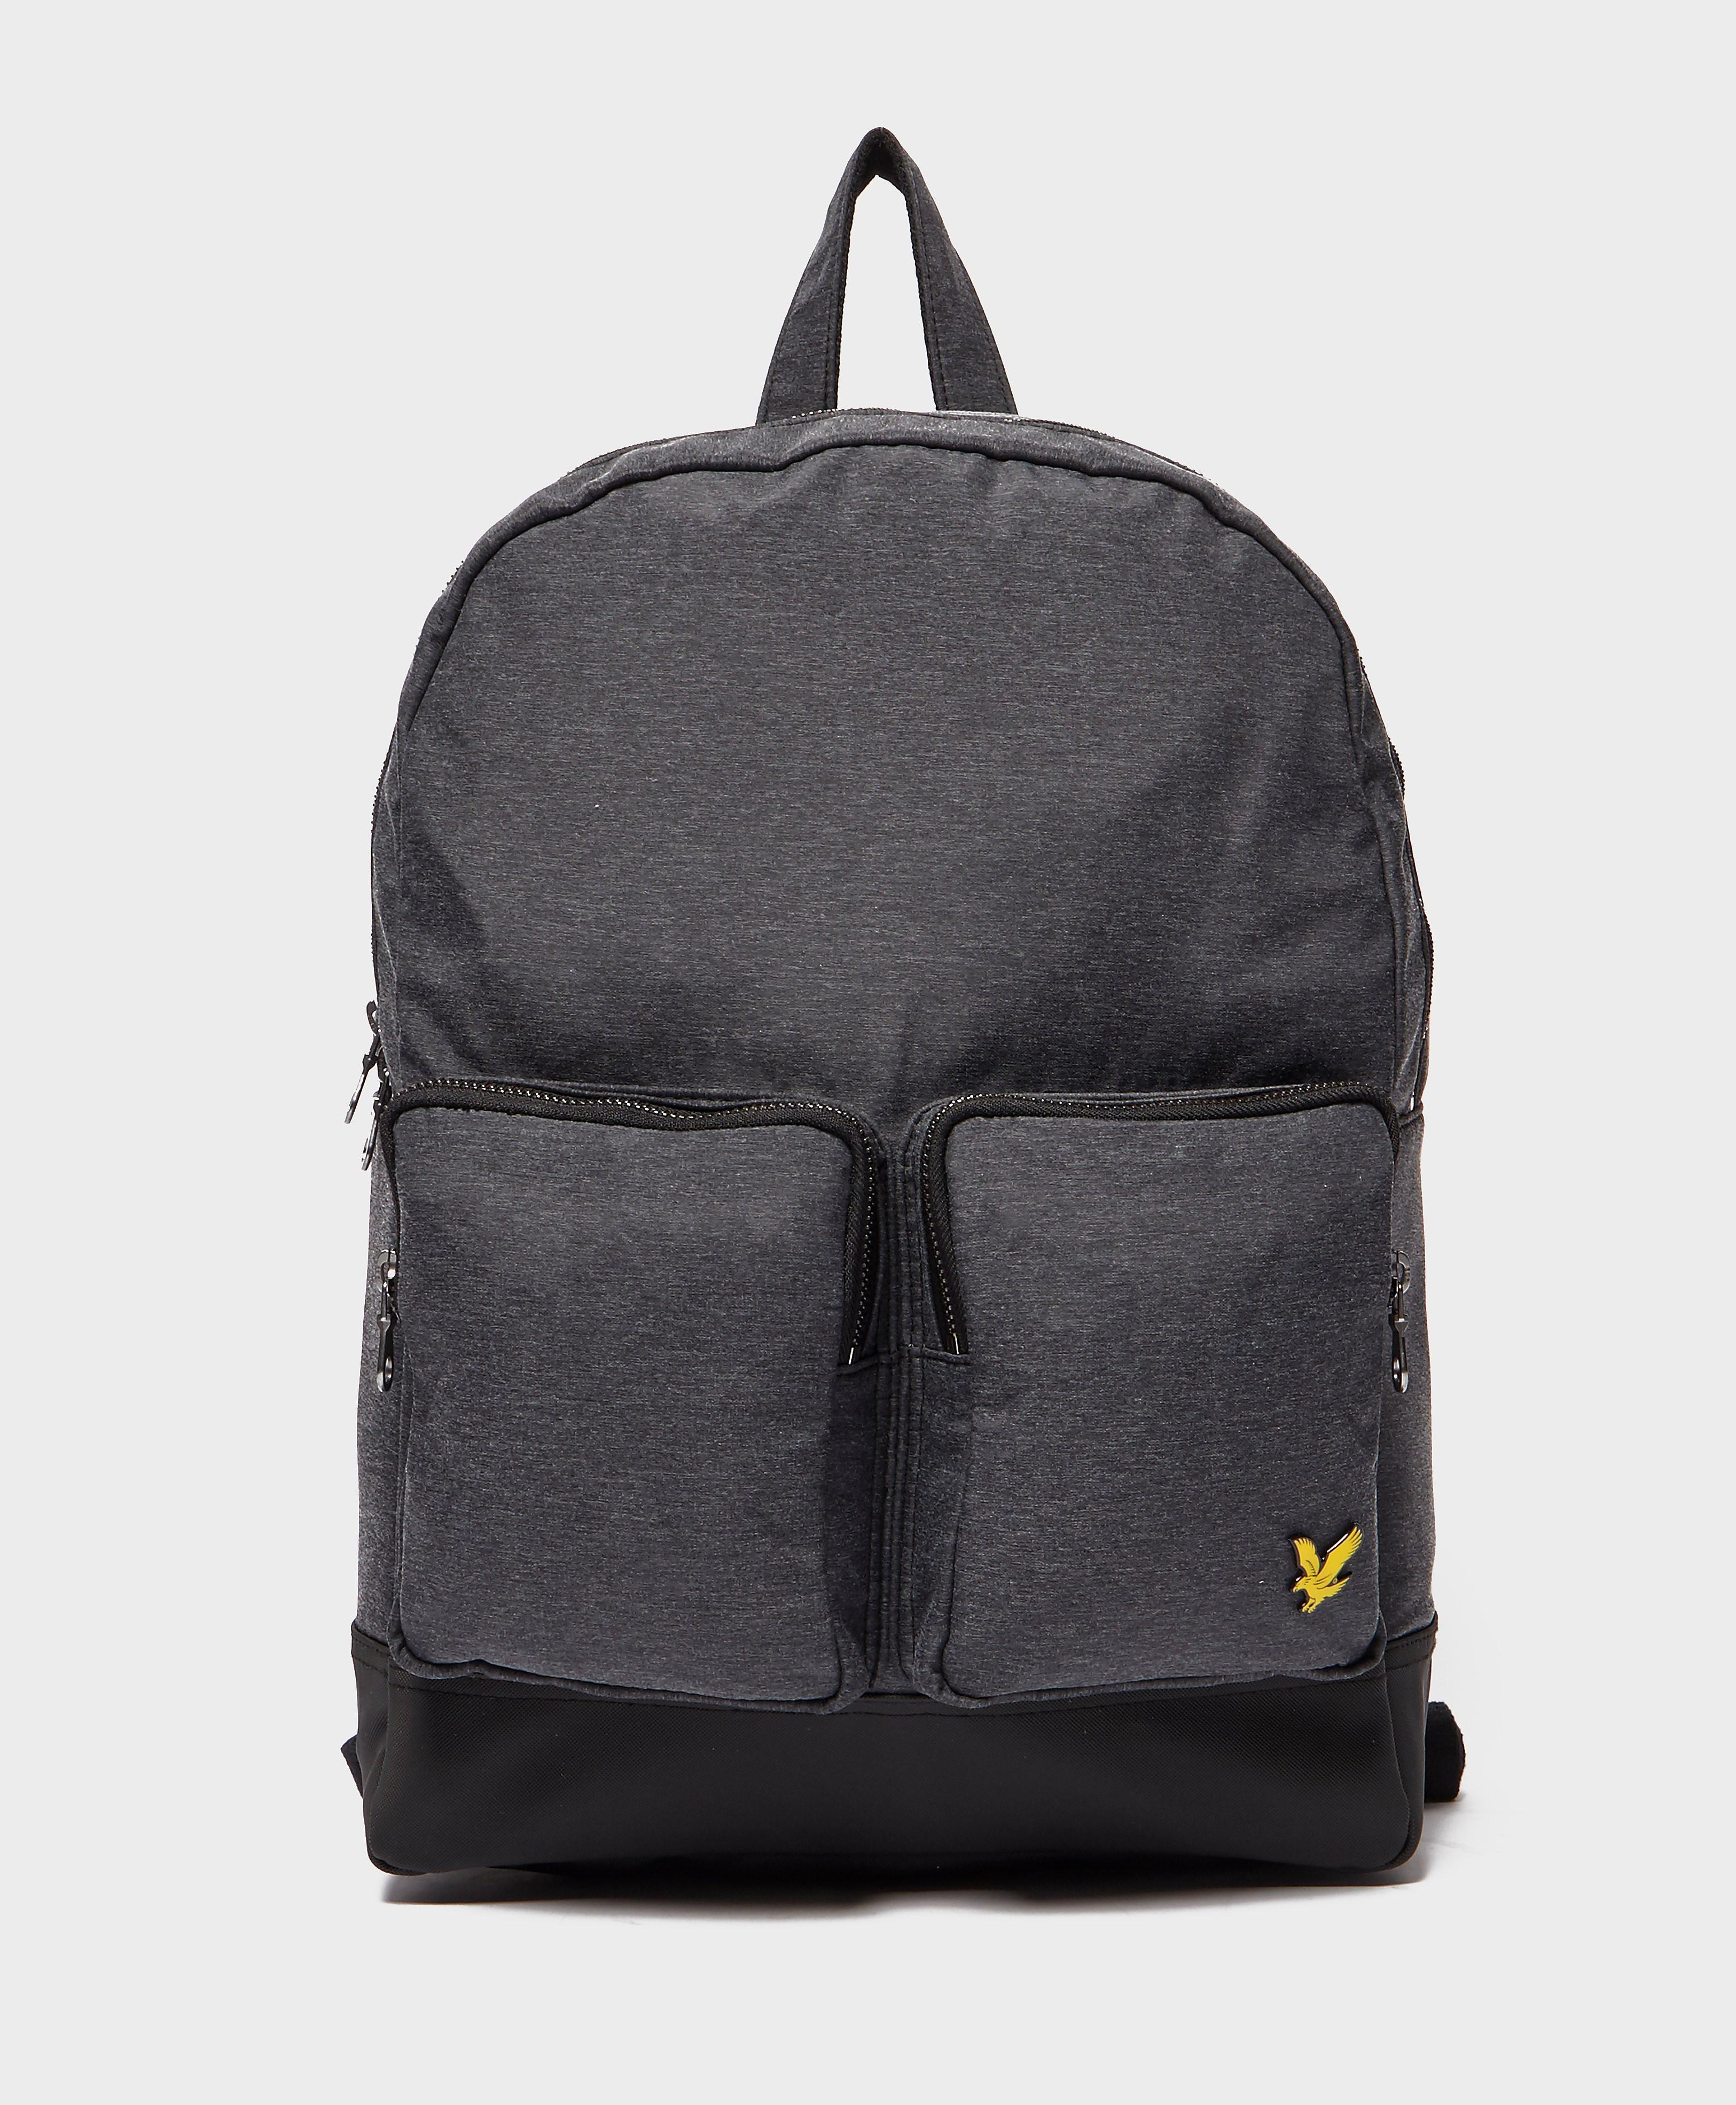 Lyle & Scott 2 Pocket Backpack